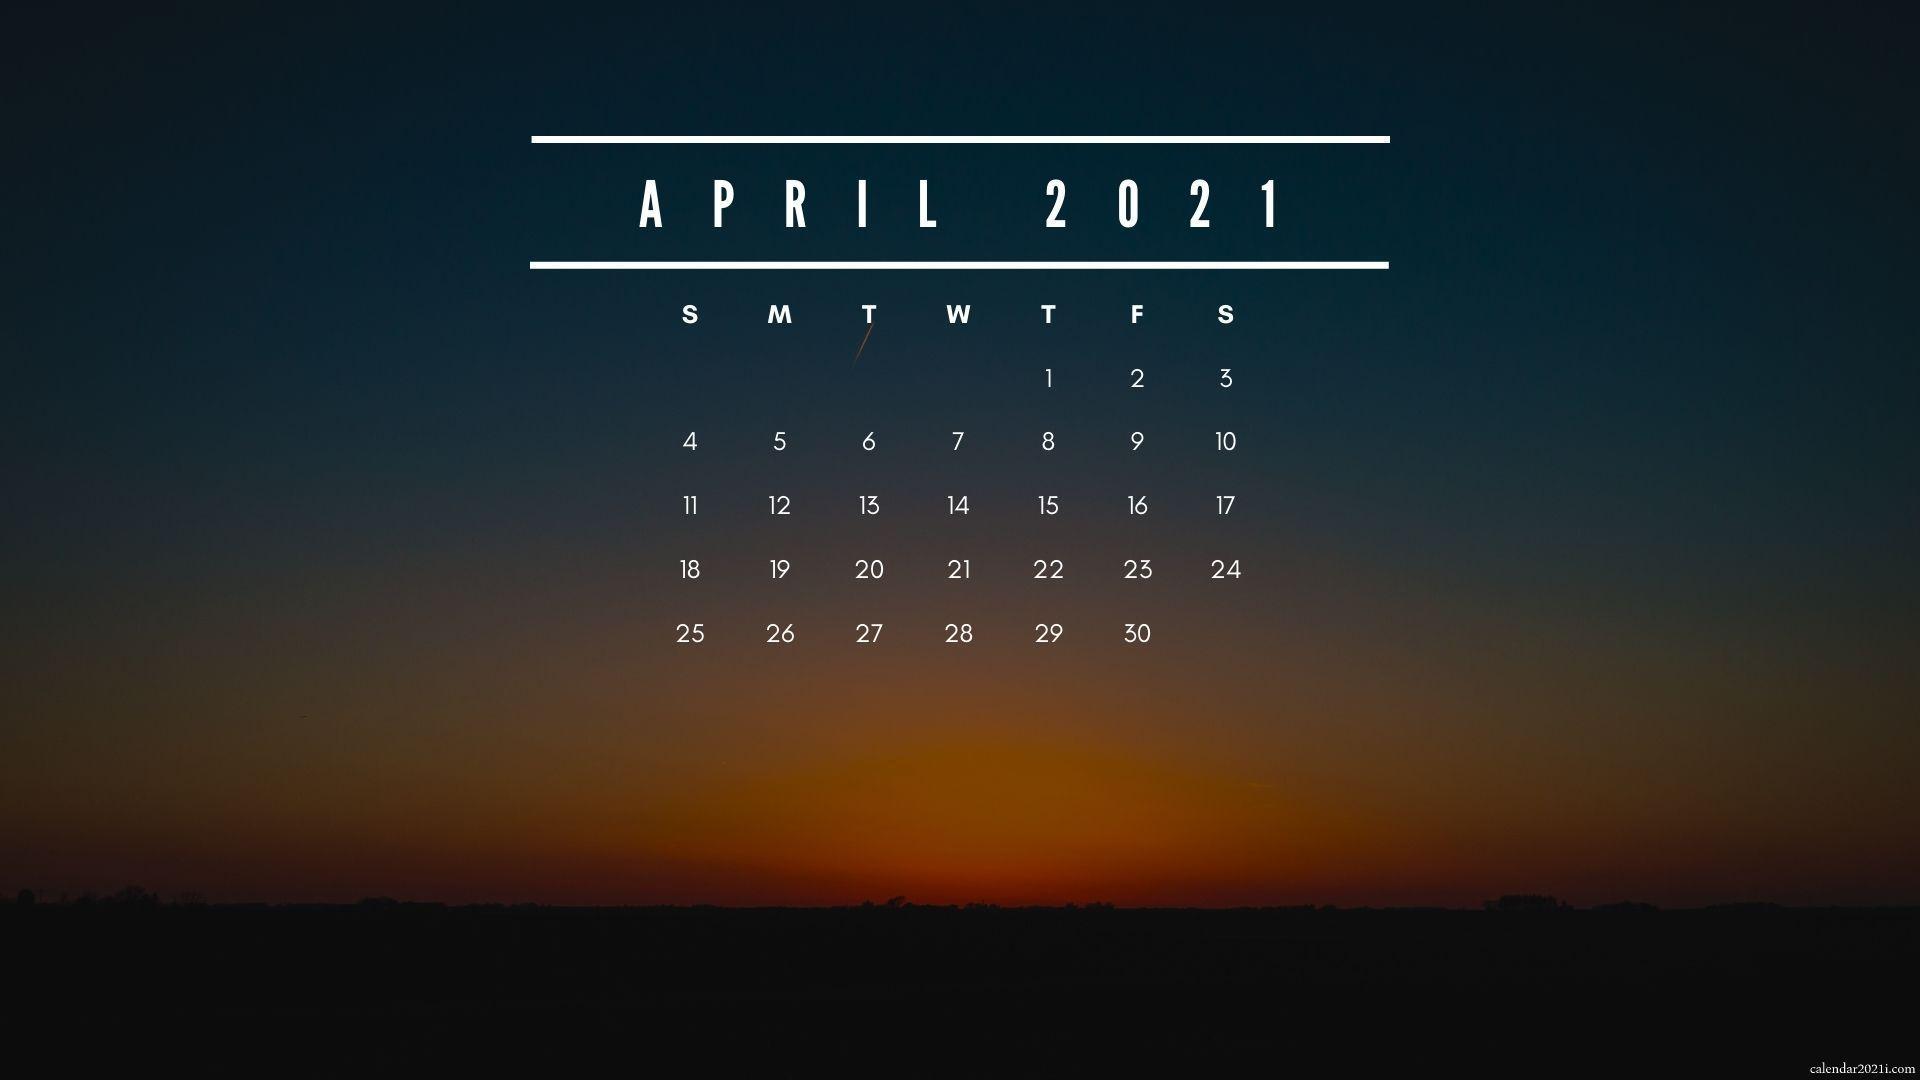 April 2021 Calendar Wallpapers   Top April 2021 Calendar 1920x1080